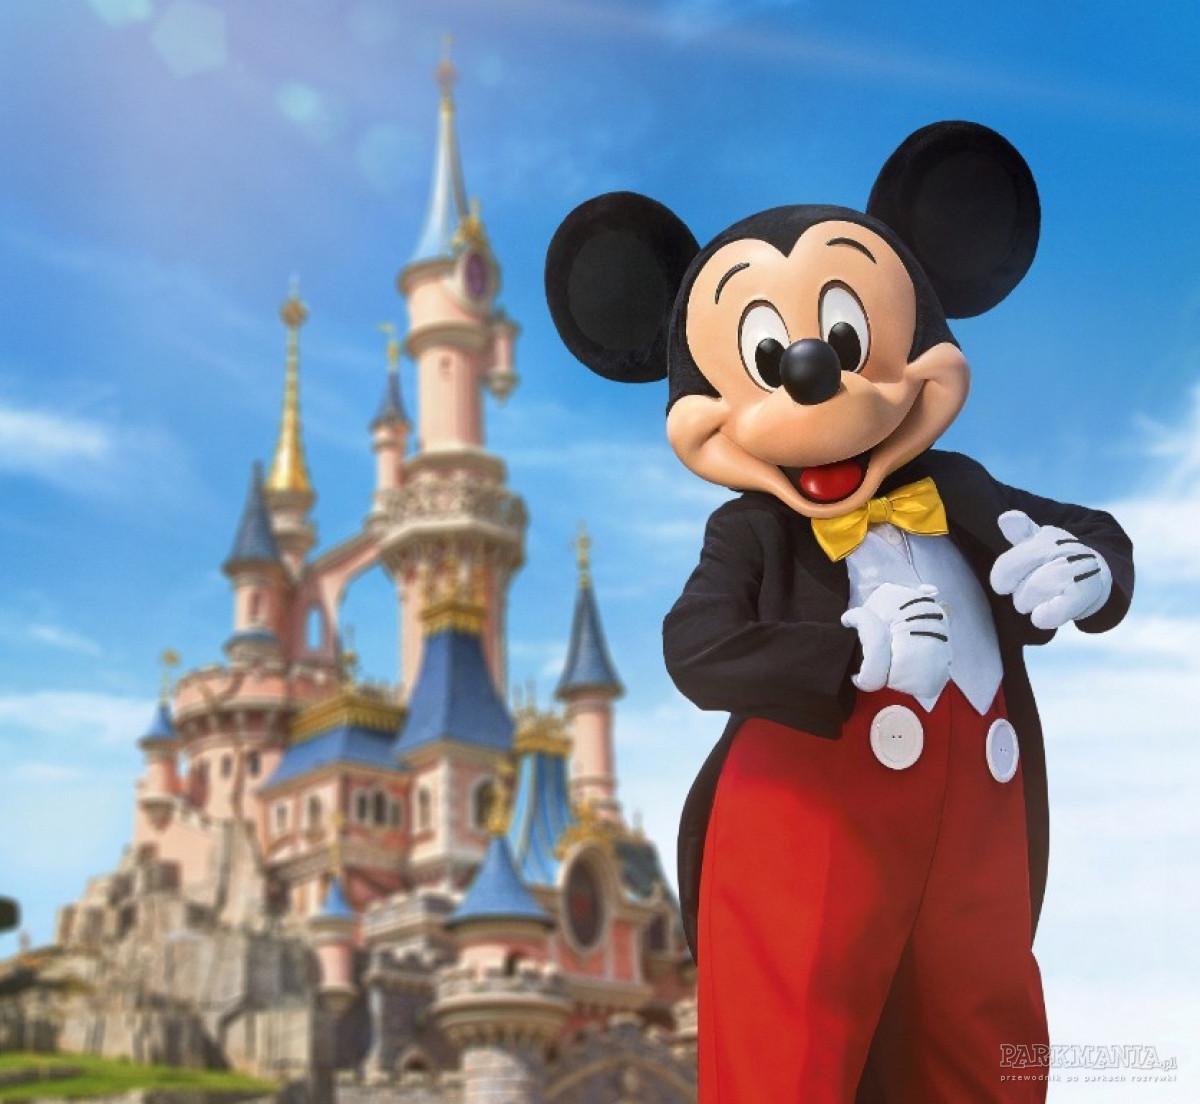 Nareszcie: znamy datęponownego otwarcia paryskiego Disneylandu w 2021!